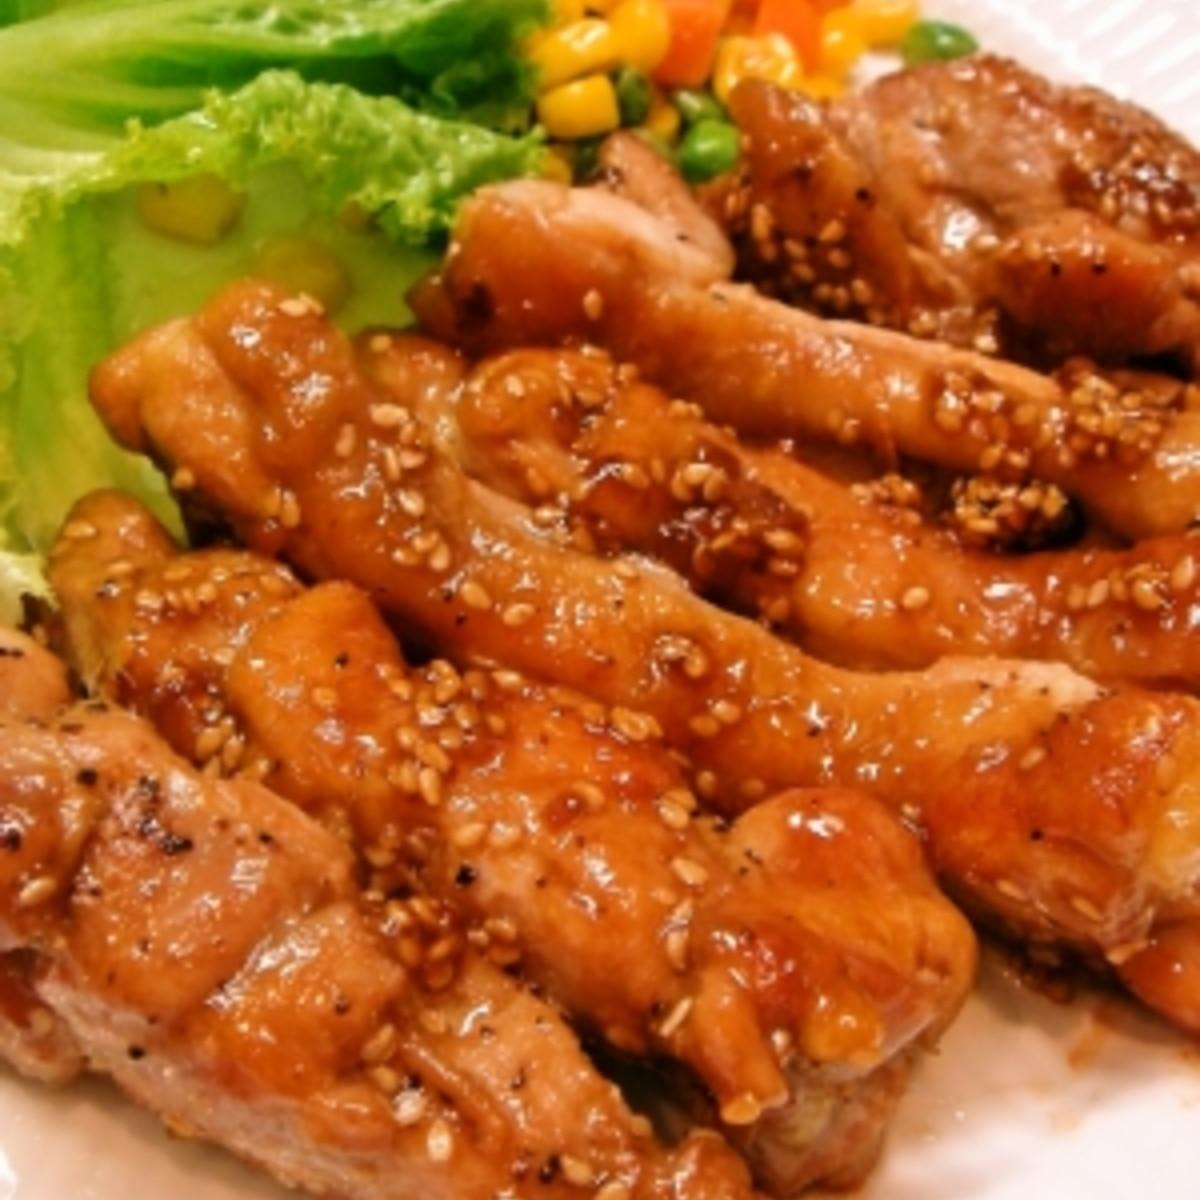 鳥 もも肉 レシピ 大人気鶏もも肉レシピ37選!超簡単なのに絶対おいしく作れる♡